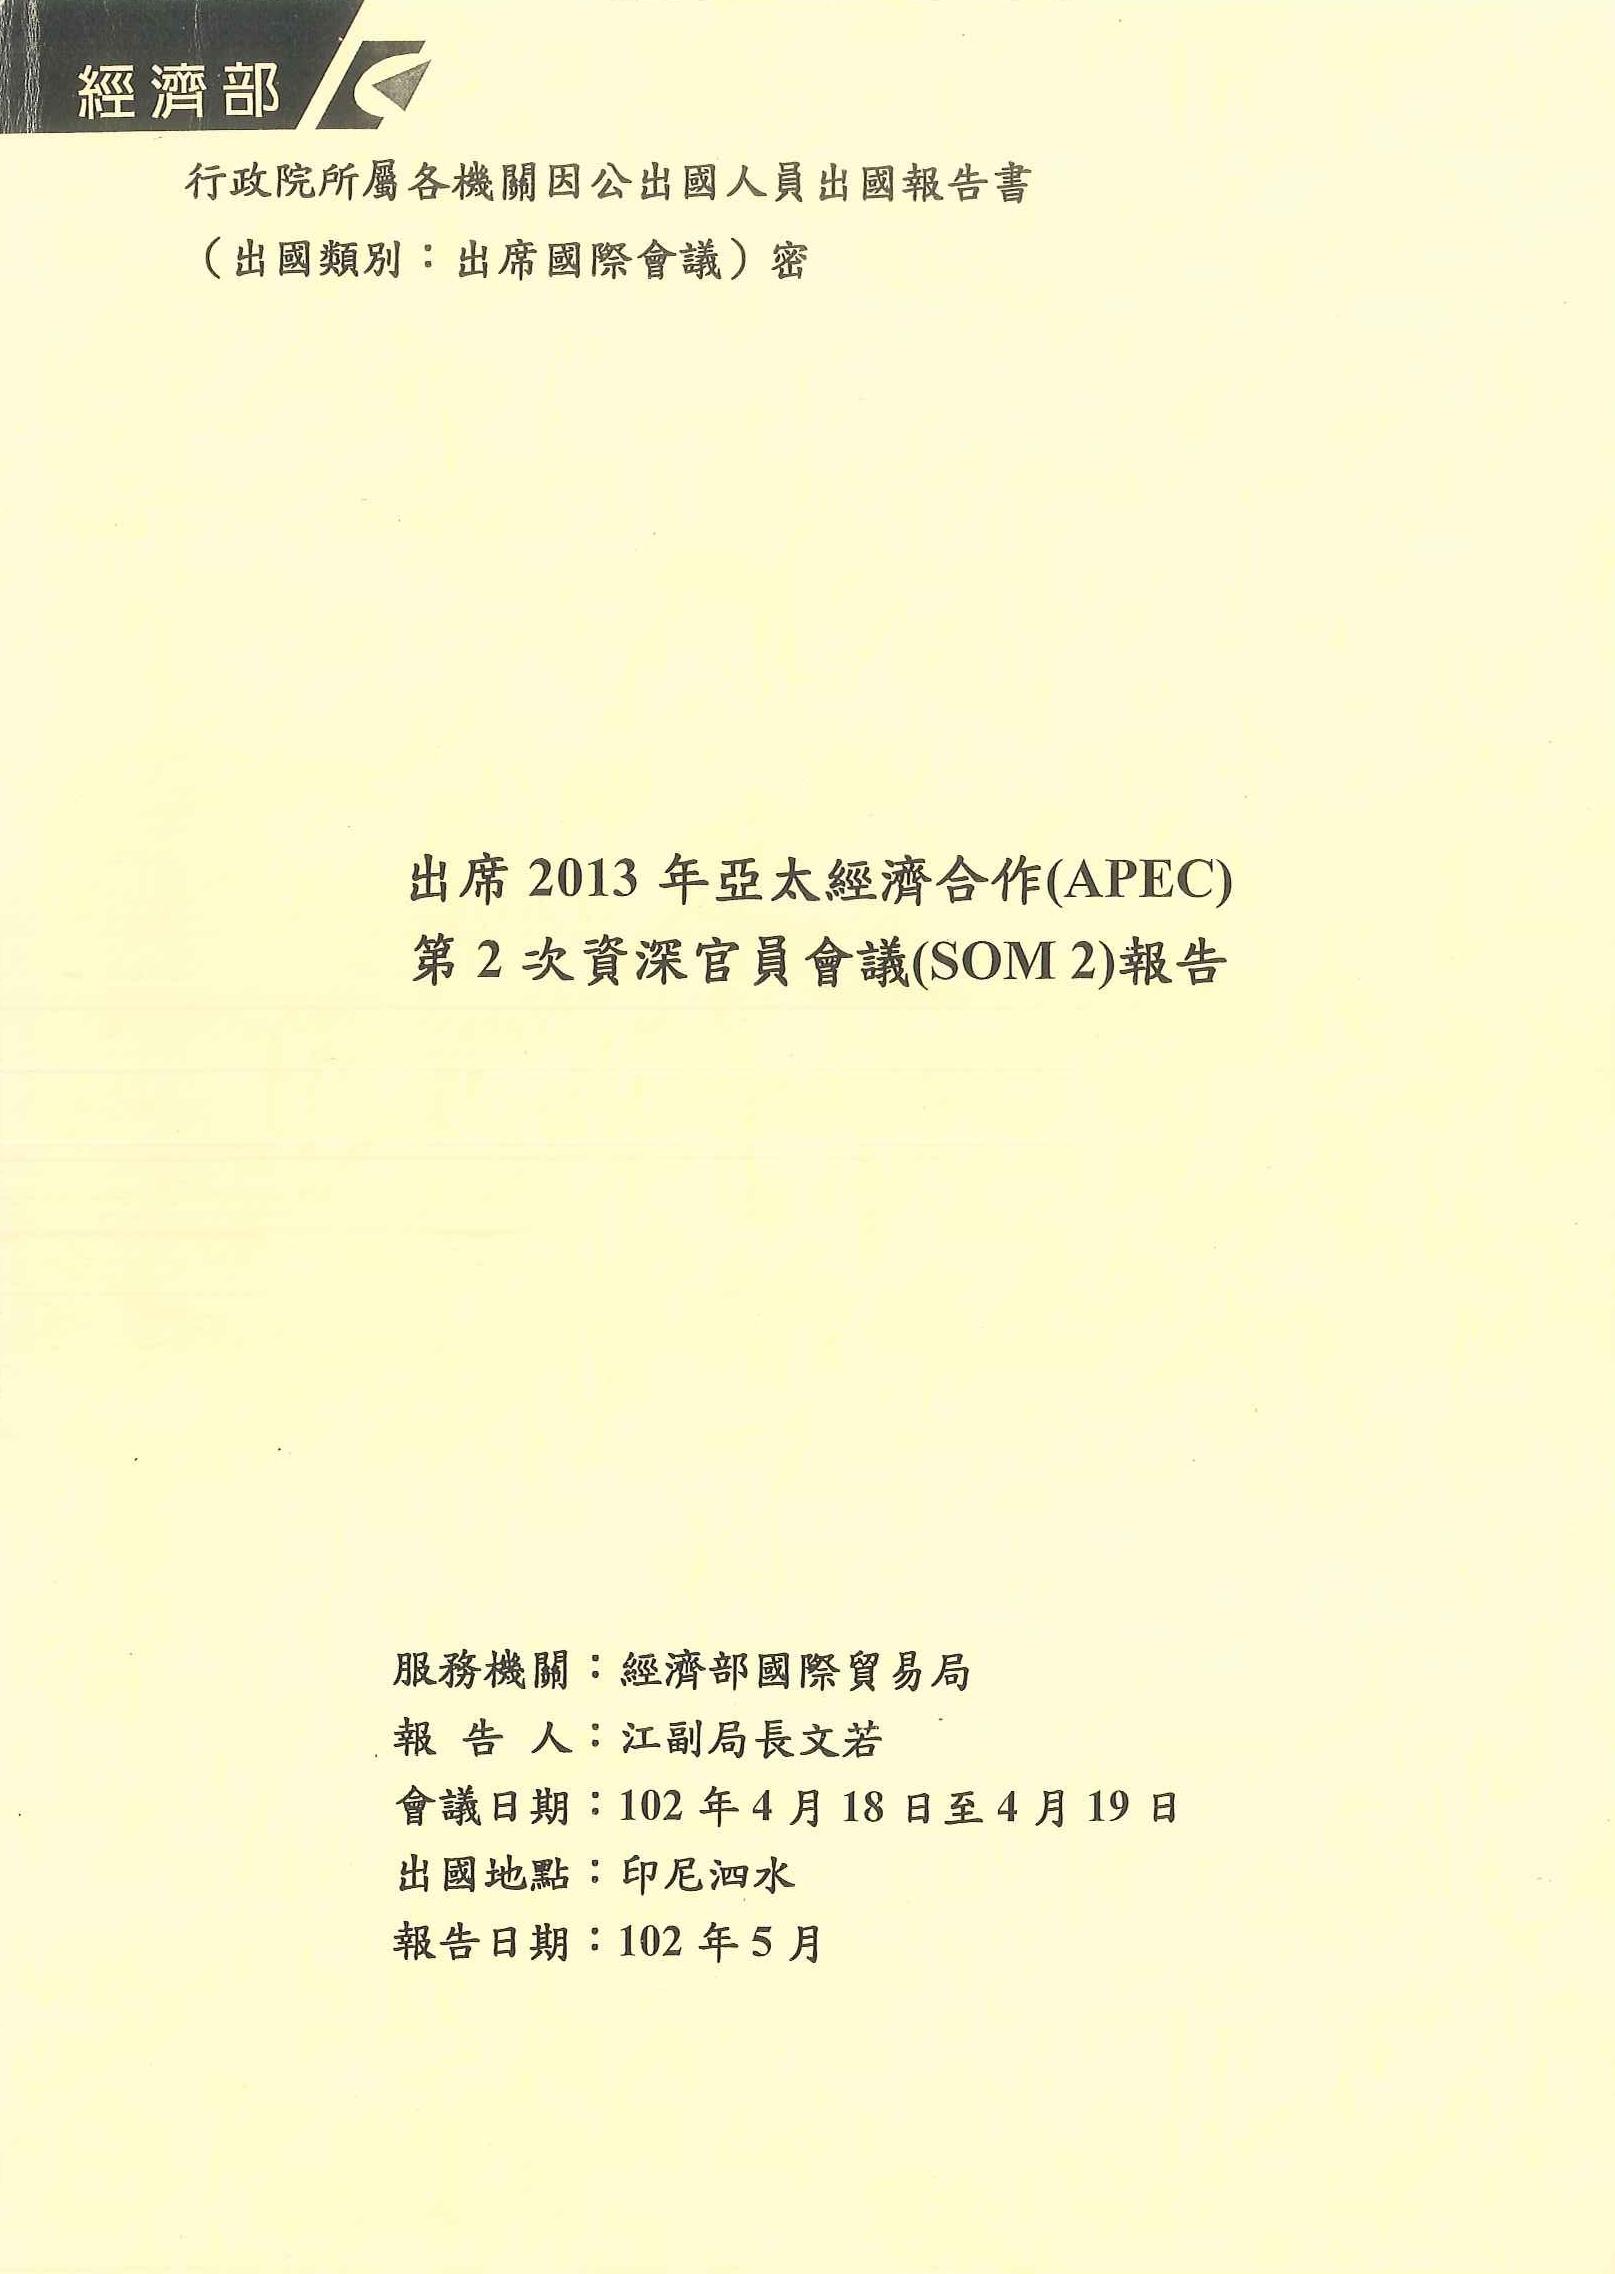 出席2013年亞太經濟合作(APEC)第2次資深官員會議(SOM2)報告